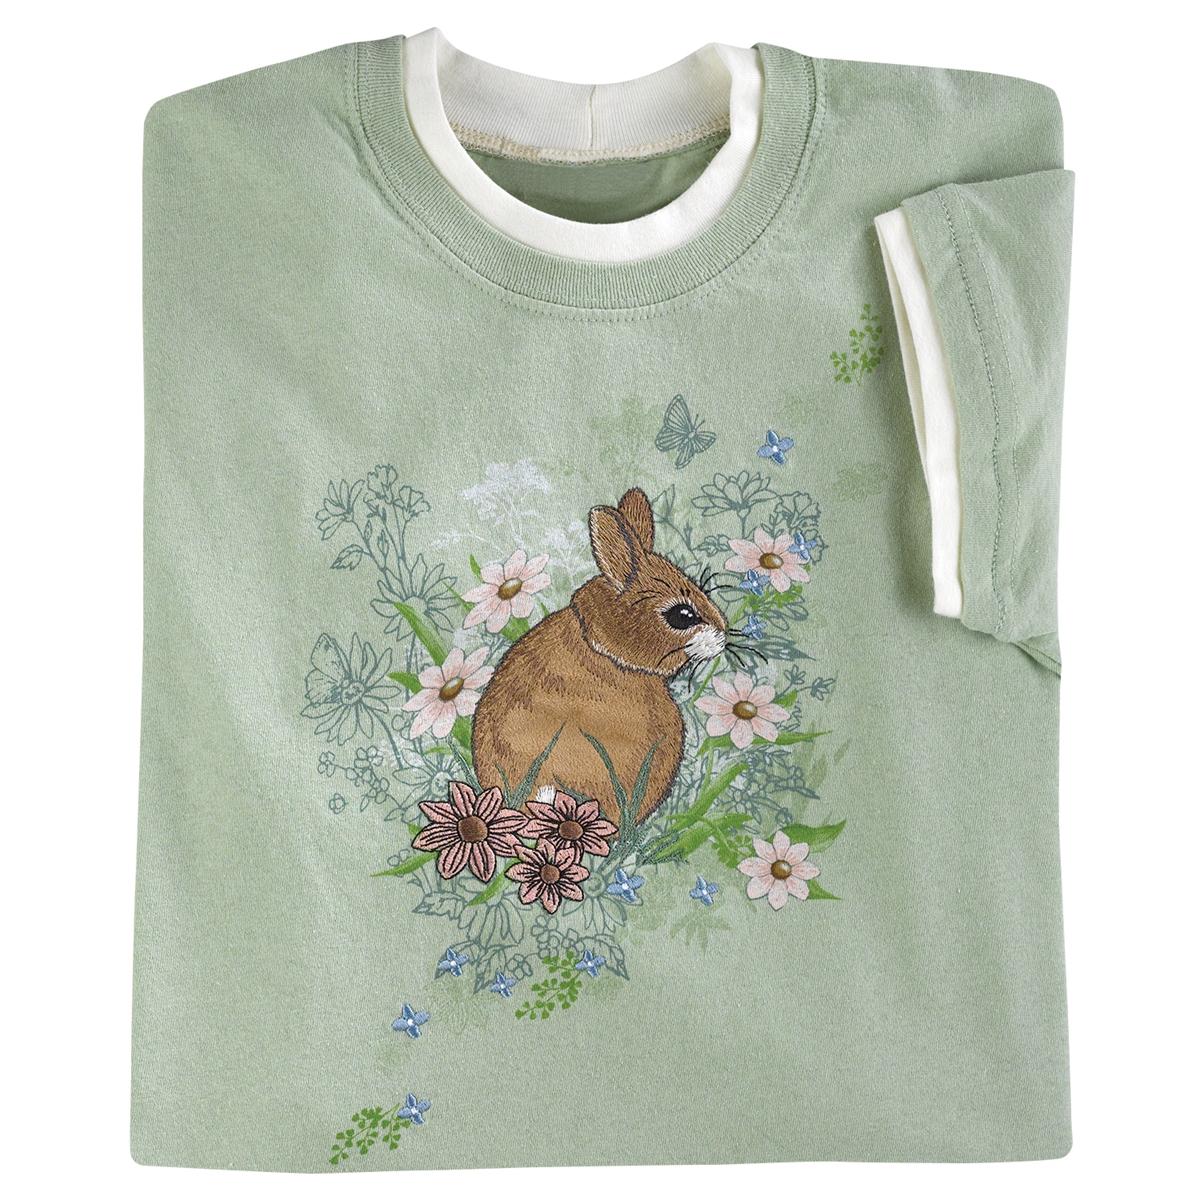 Woodland Bunny Tee